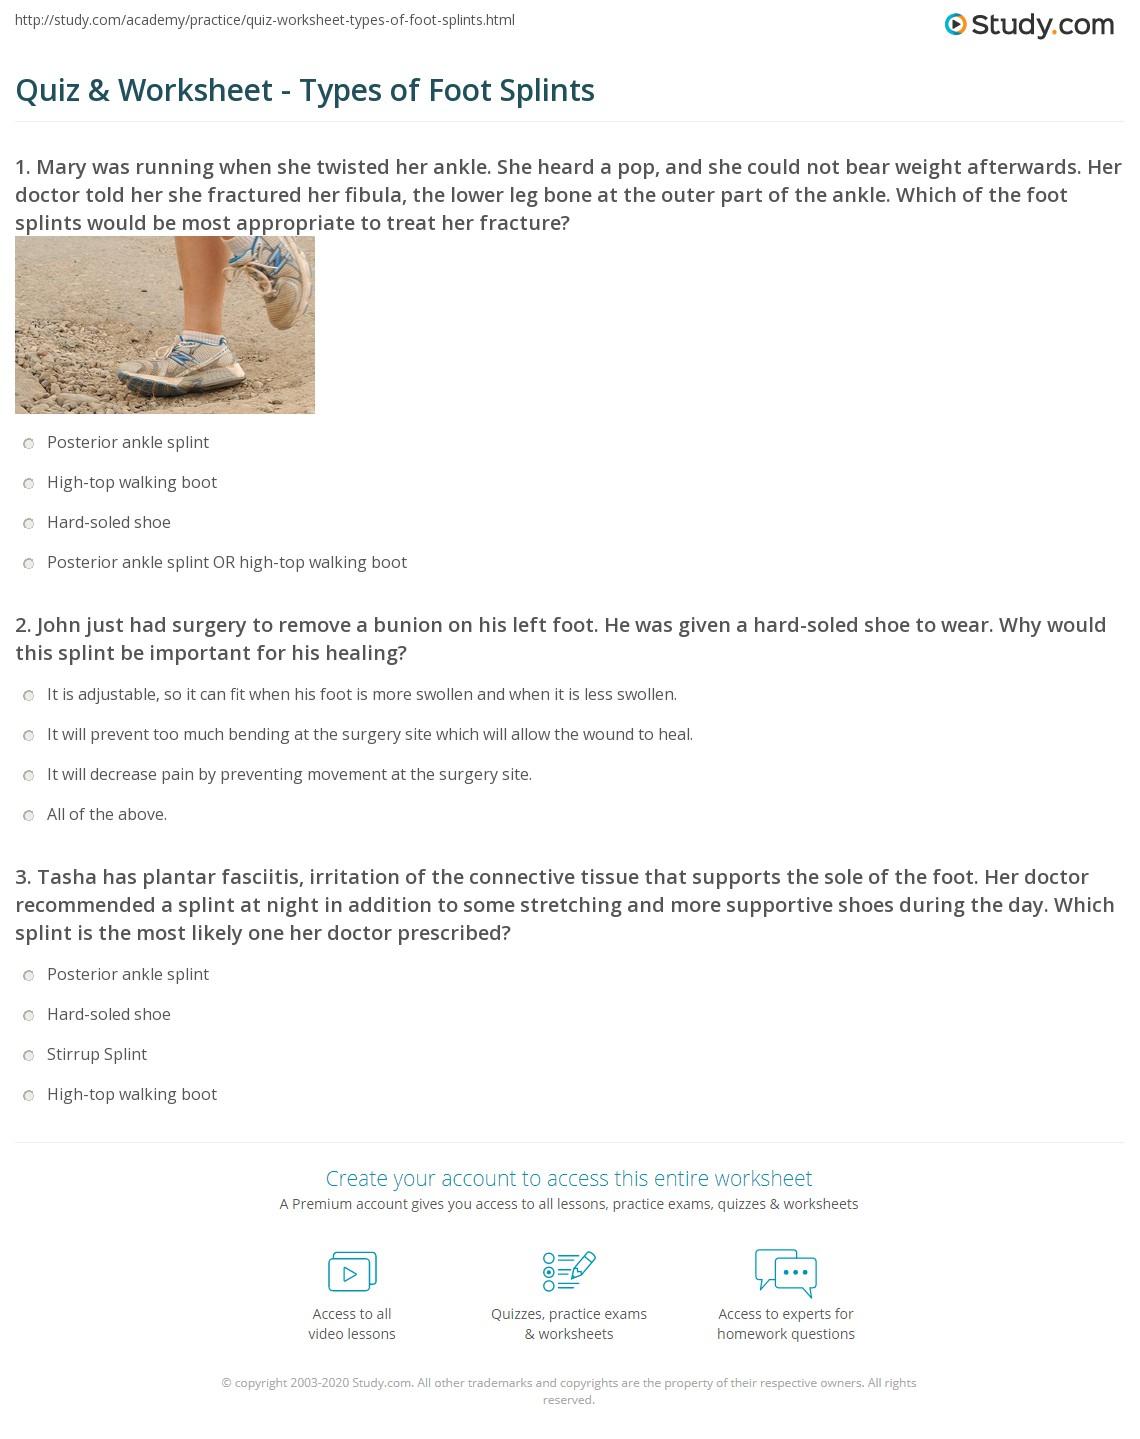 Quiz & Worksheet - Types of Foot Splints   Study com